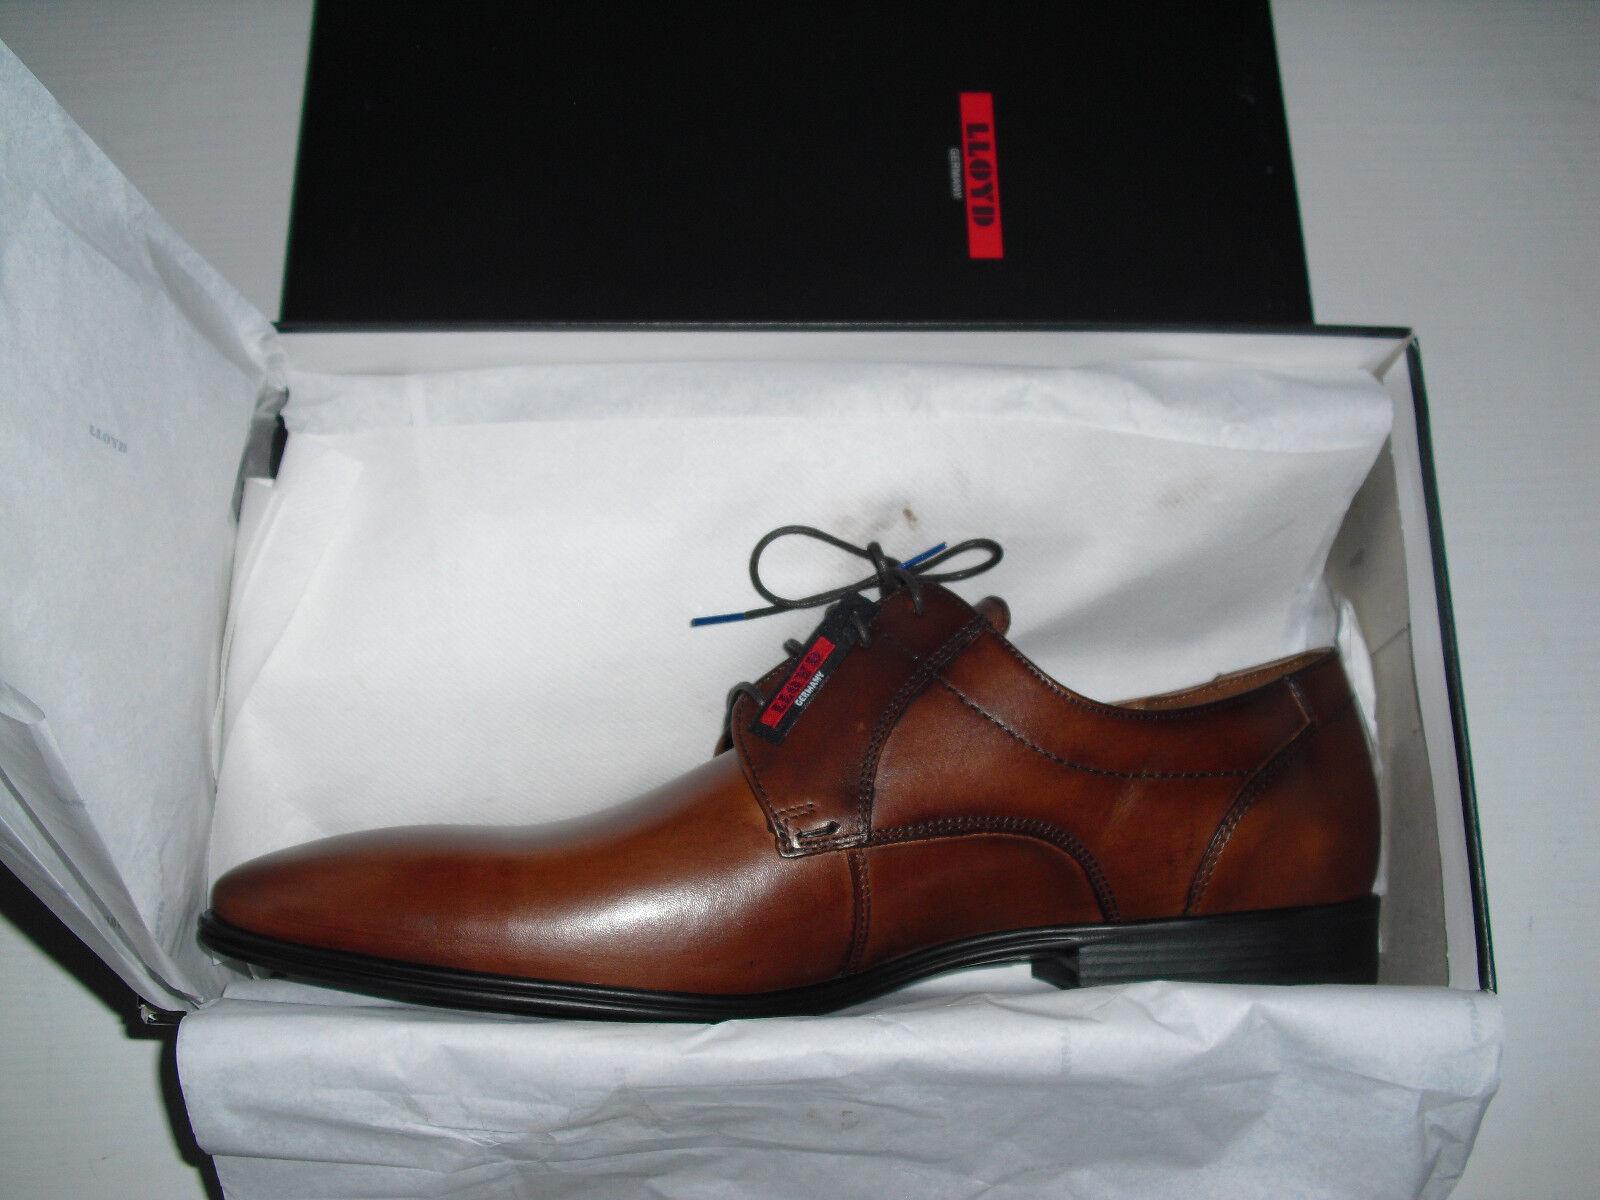 430e7407ee6561 Lloyd Osmond Gr 48 NEU Herren Schuhe 27-558-13 Business Schnürschuhe Leder  braun